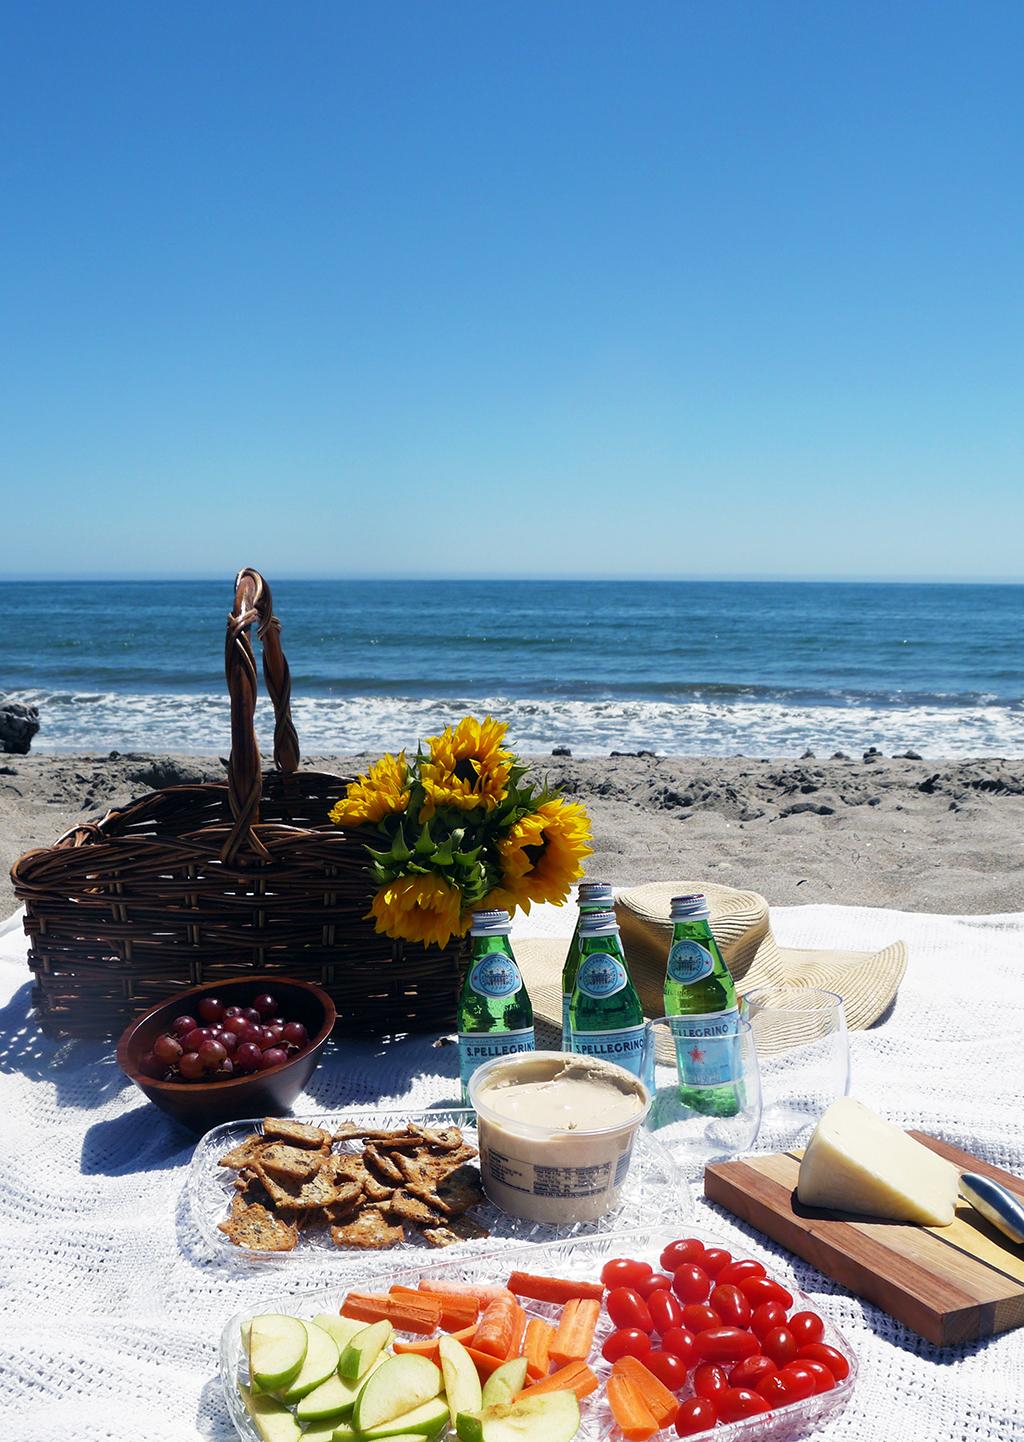 Healthy Beach Picnic